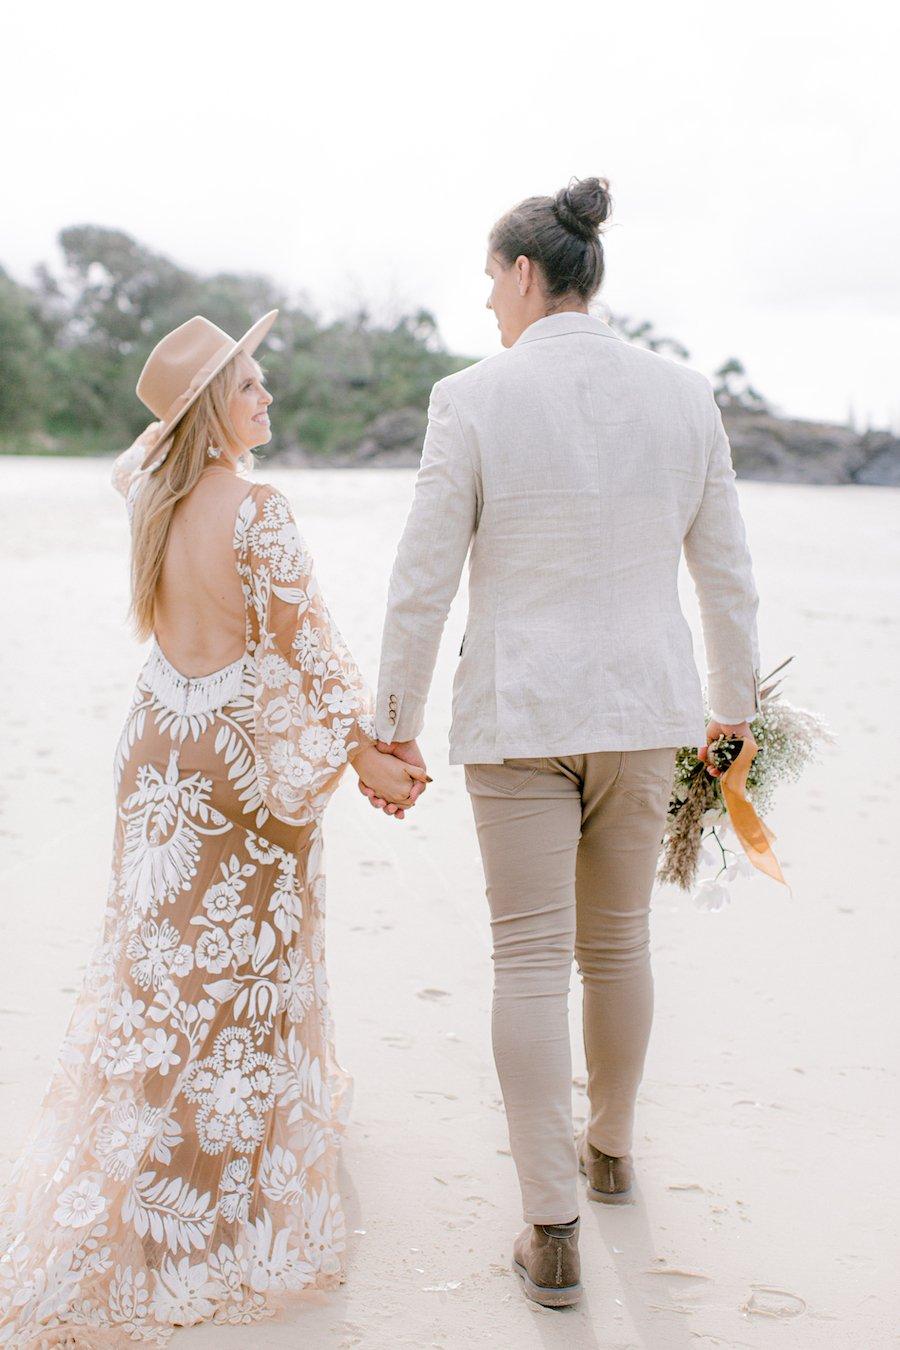 bride wearing hat walking on beach with groom